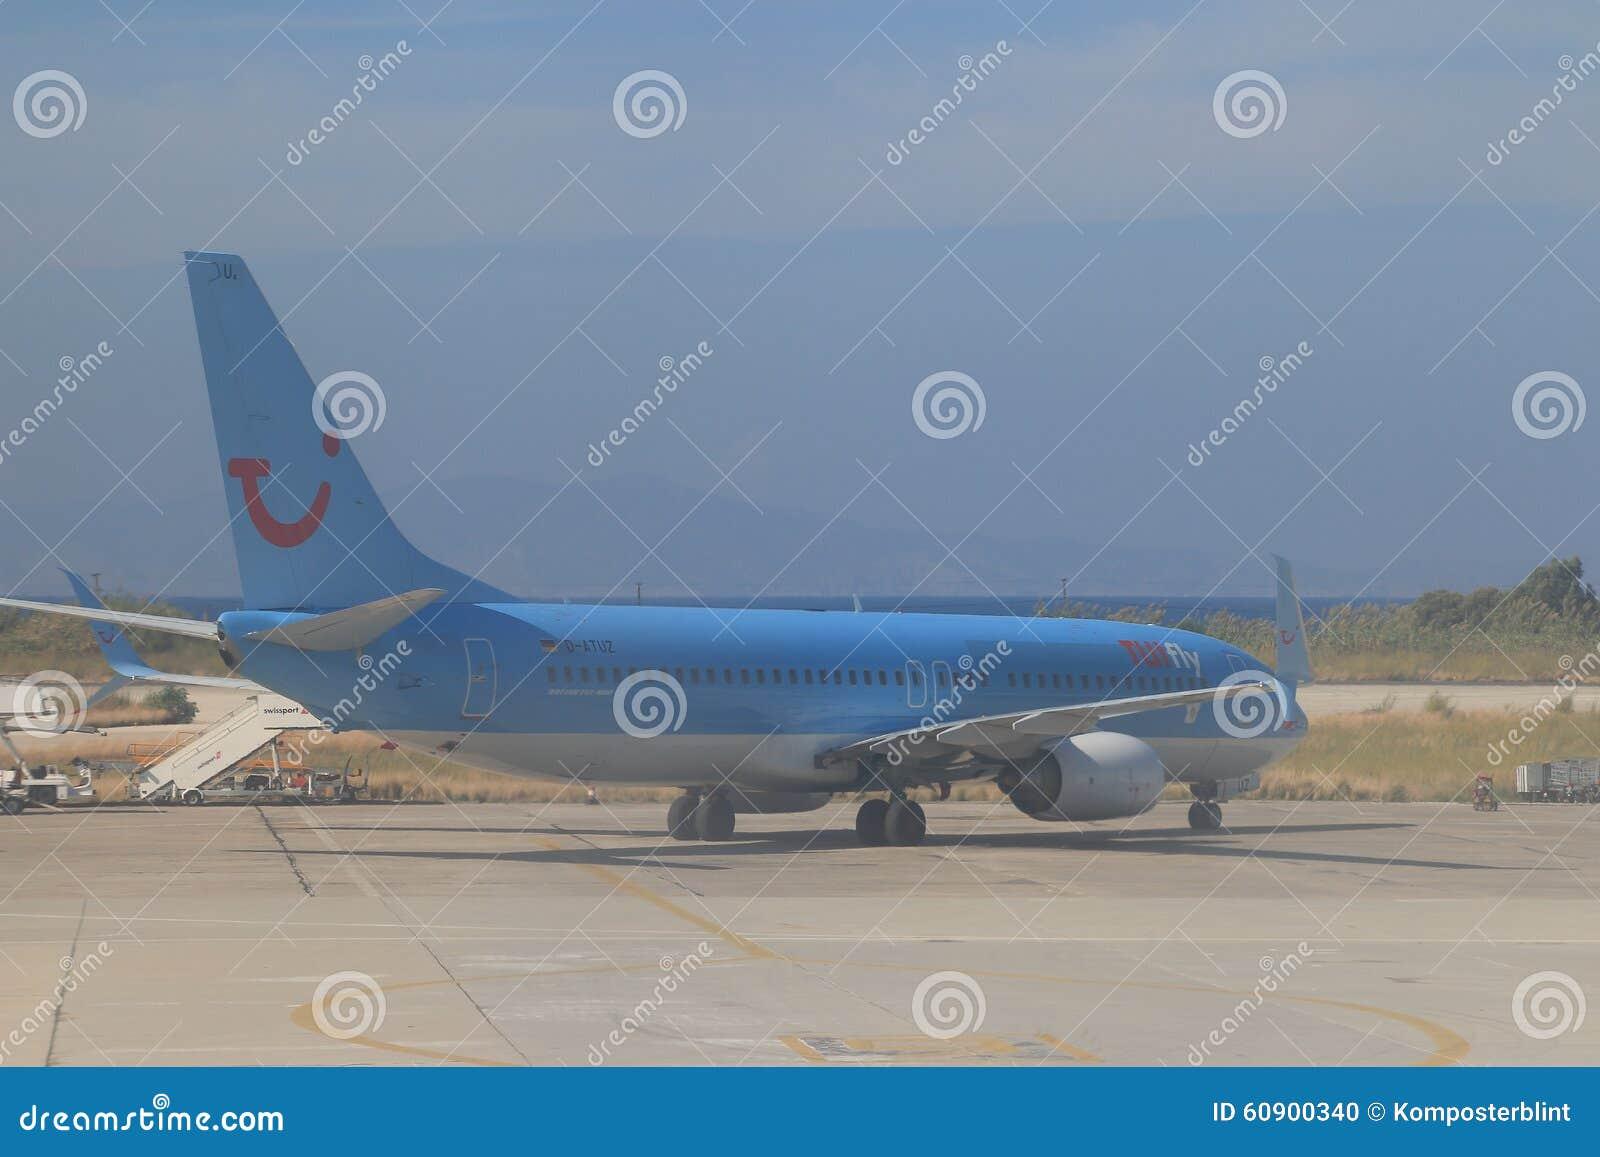 Avión de pasajeros azul